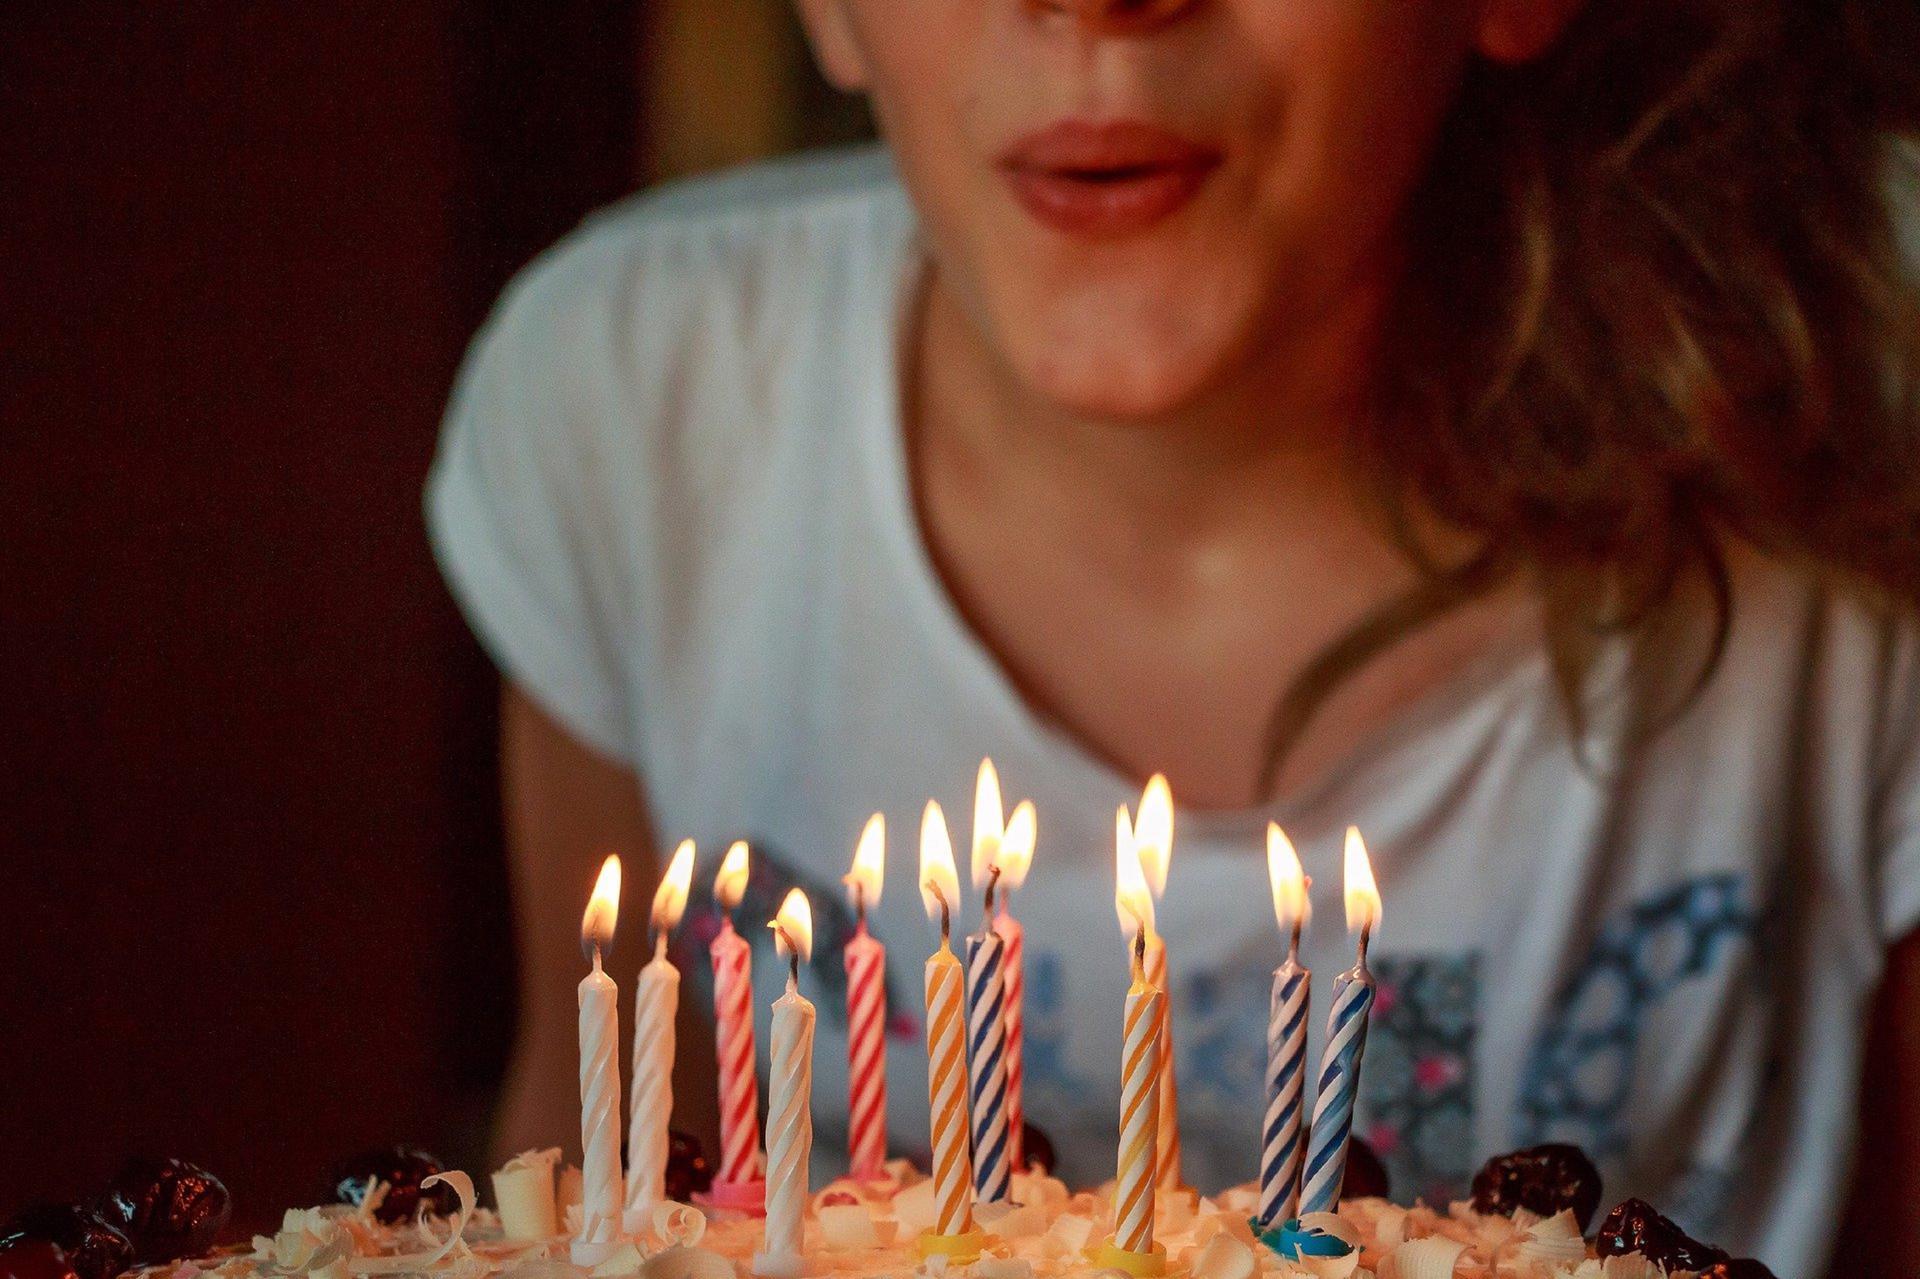 Urodzinowe dla kumpla życzenia Życzenia urodzinowe